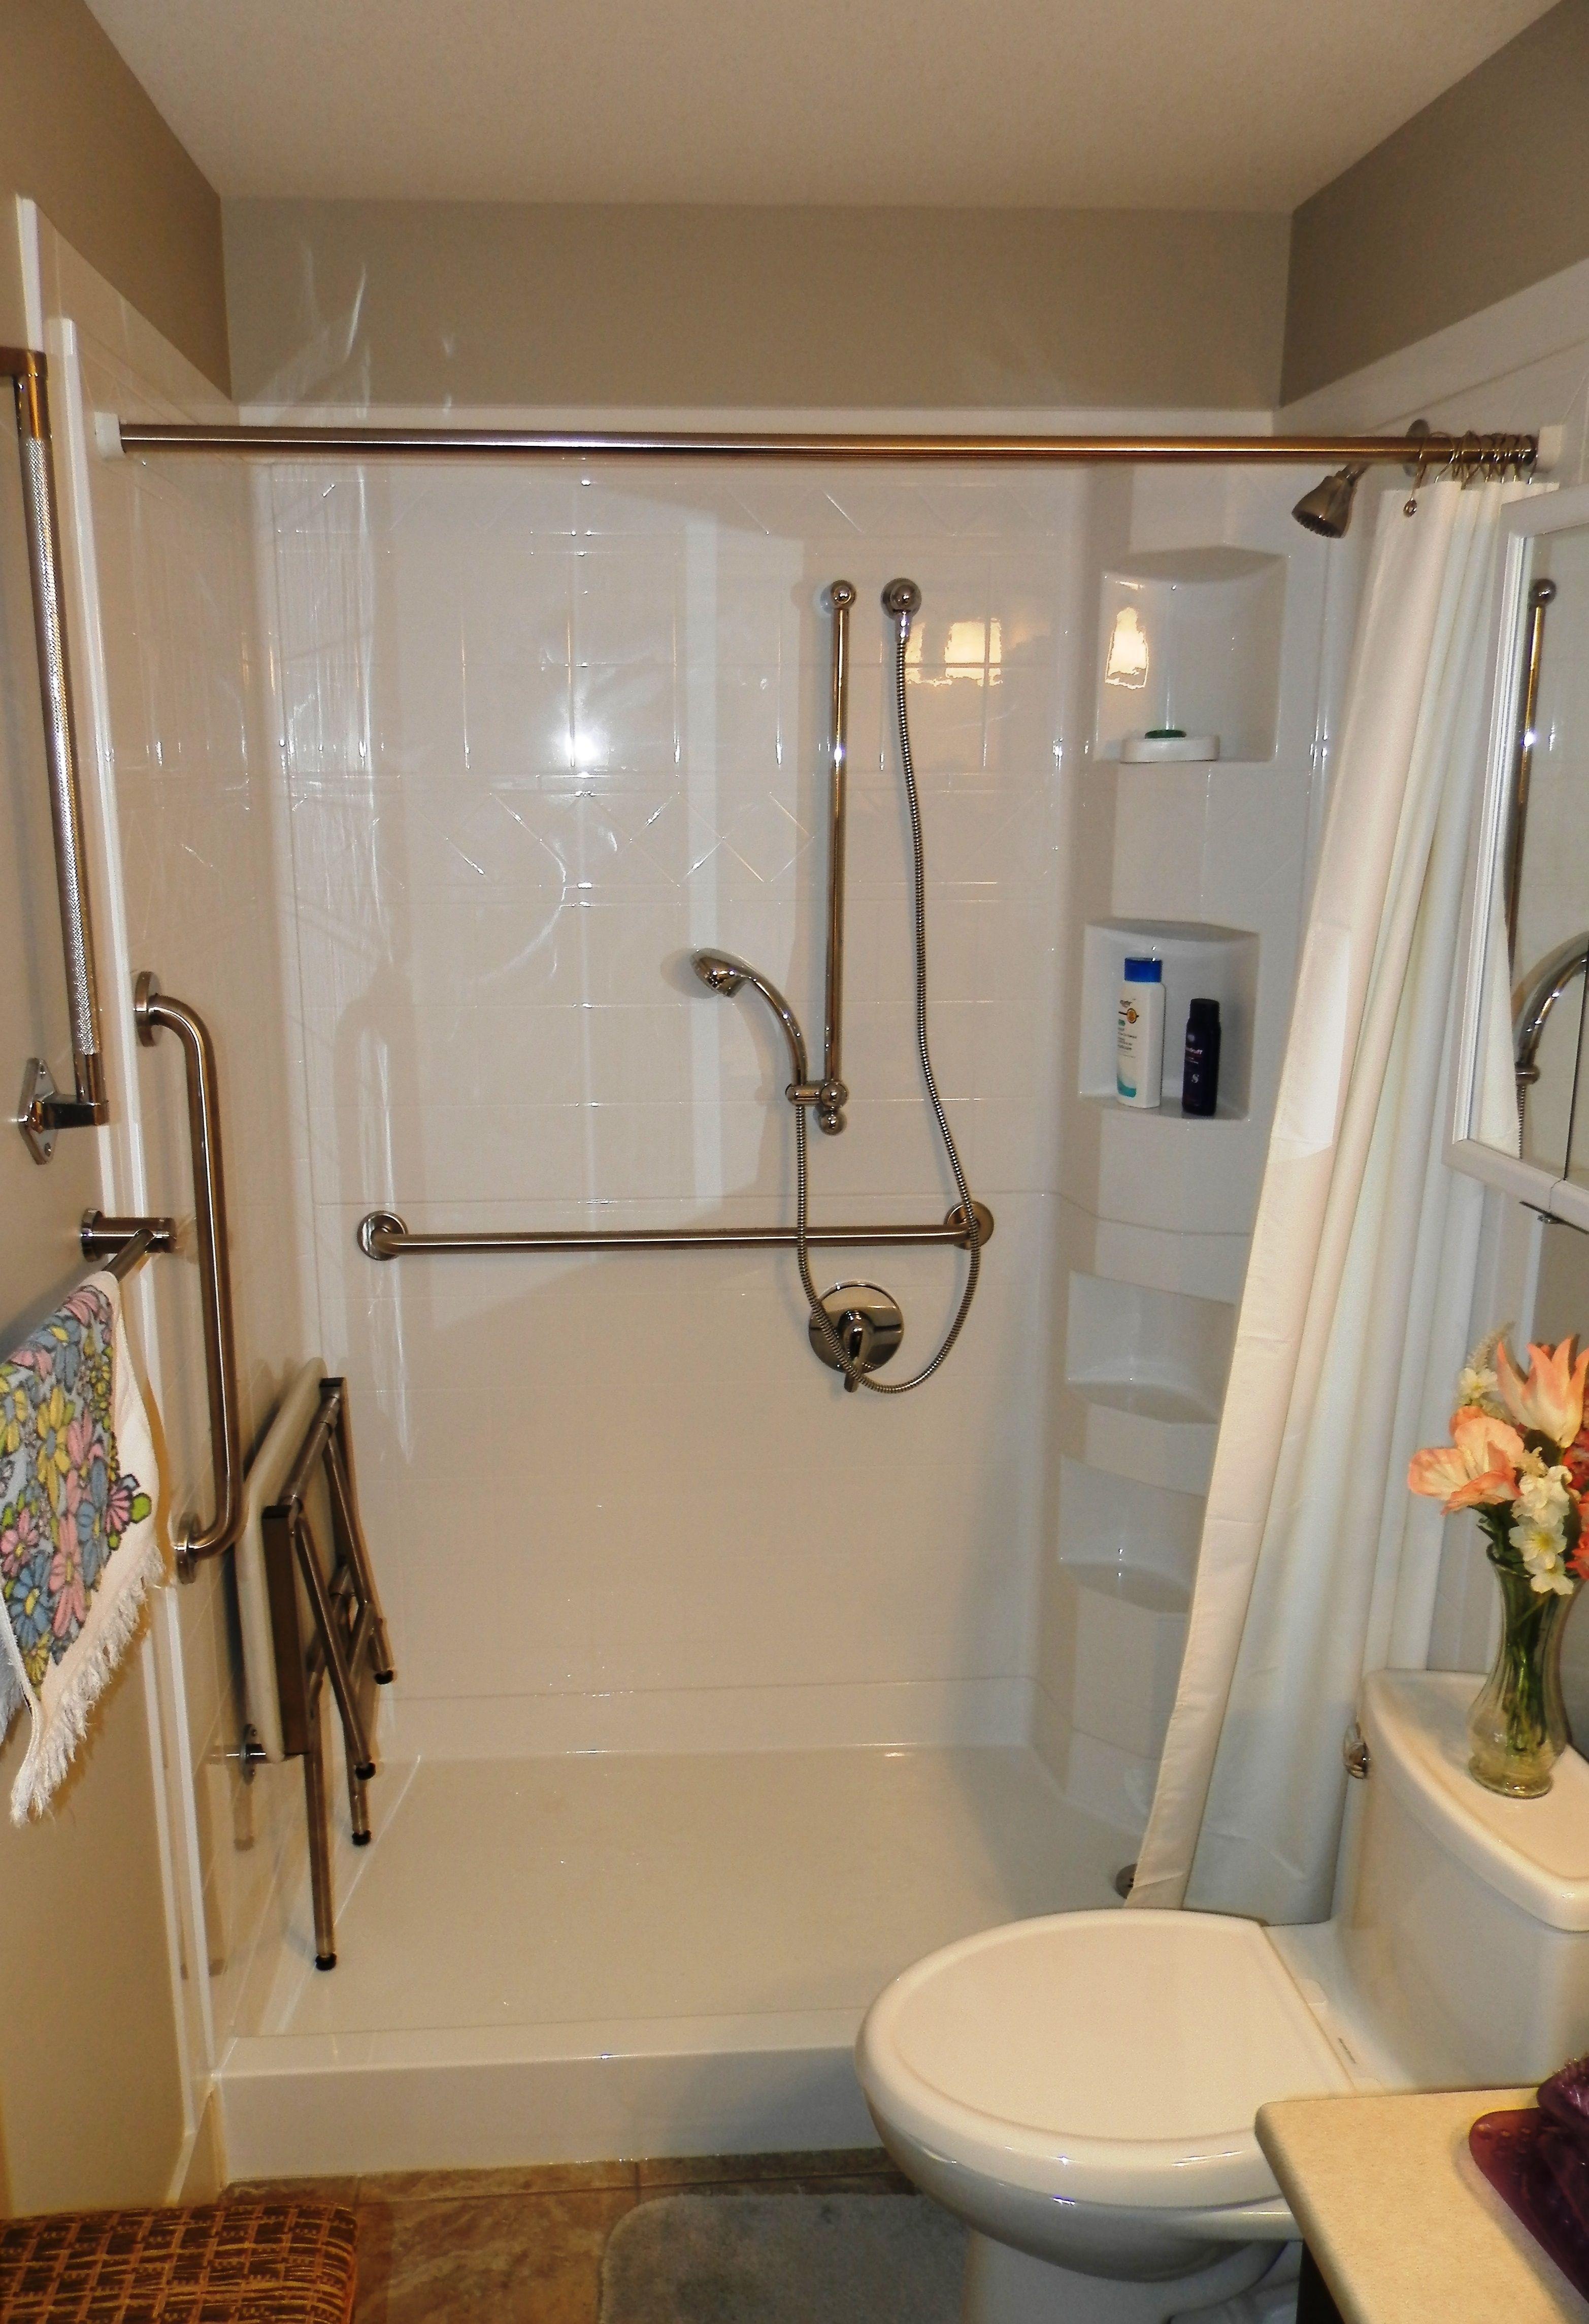 Best Bath 5 Piece Shower System With Standard Threshold Corner